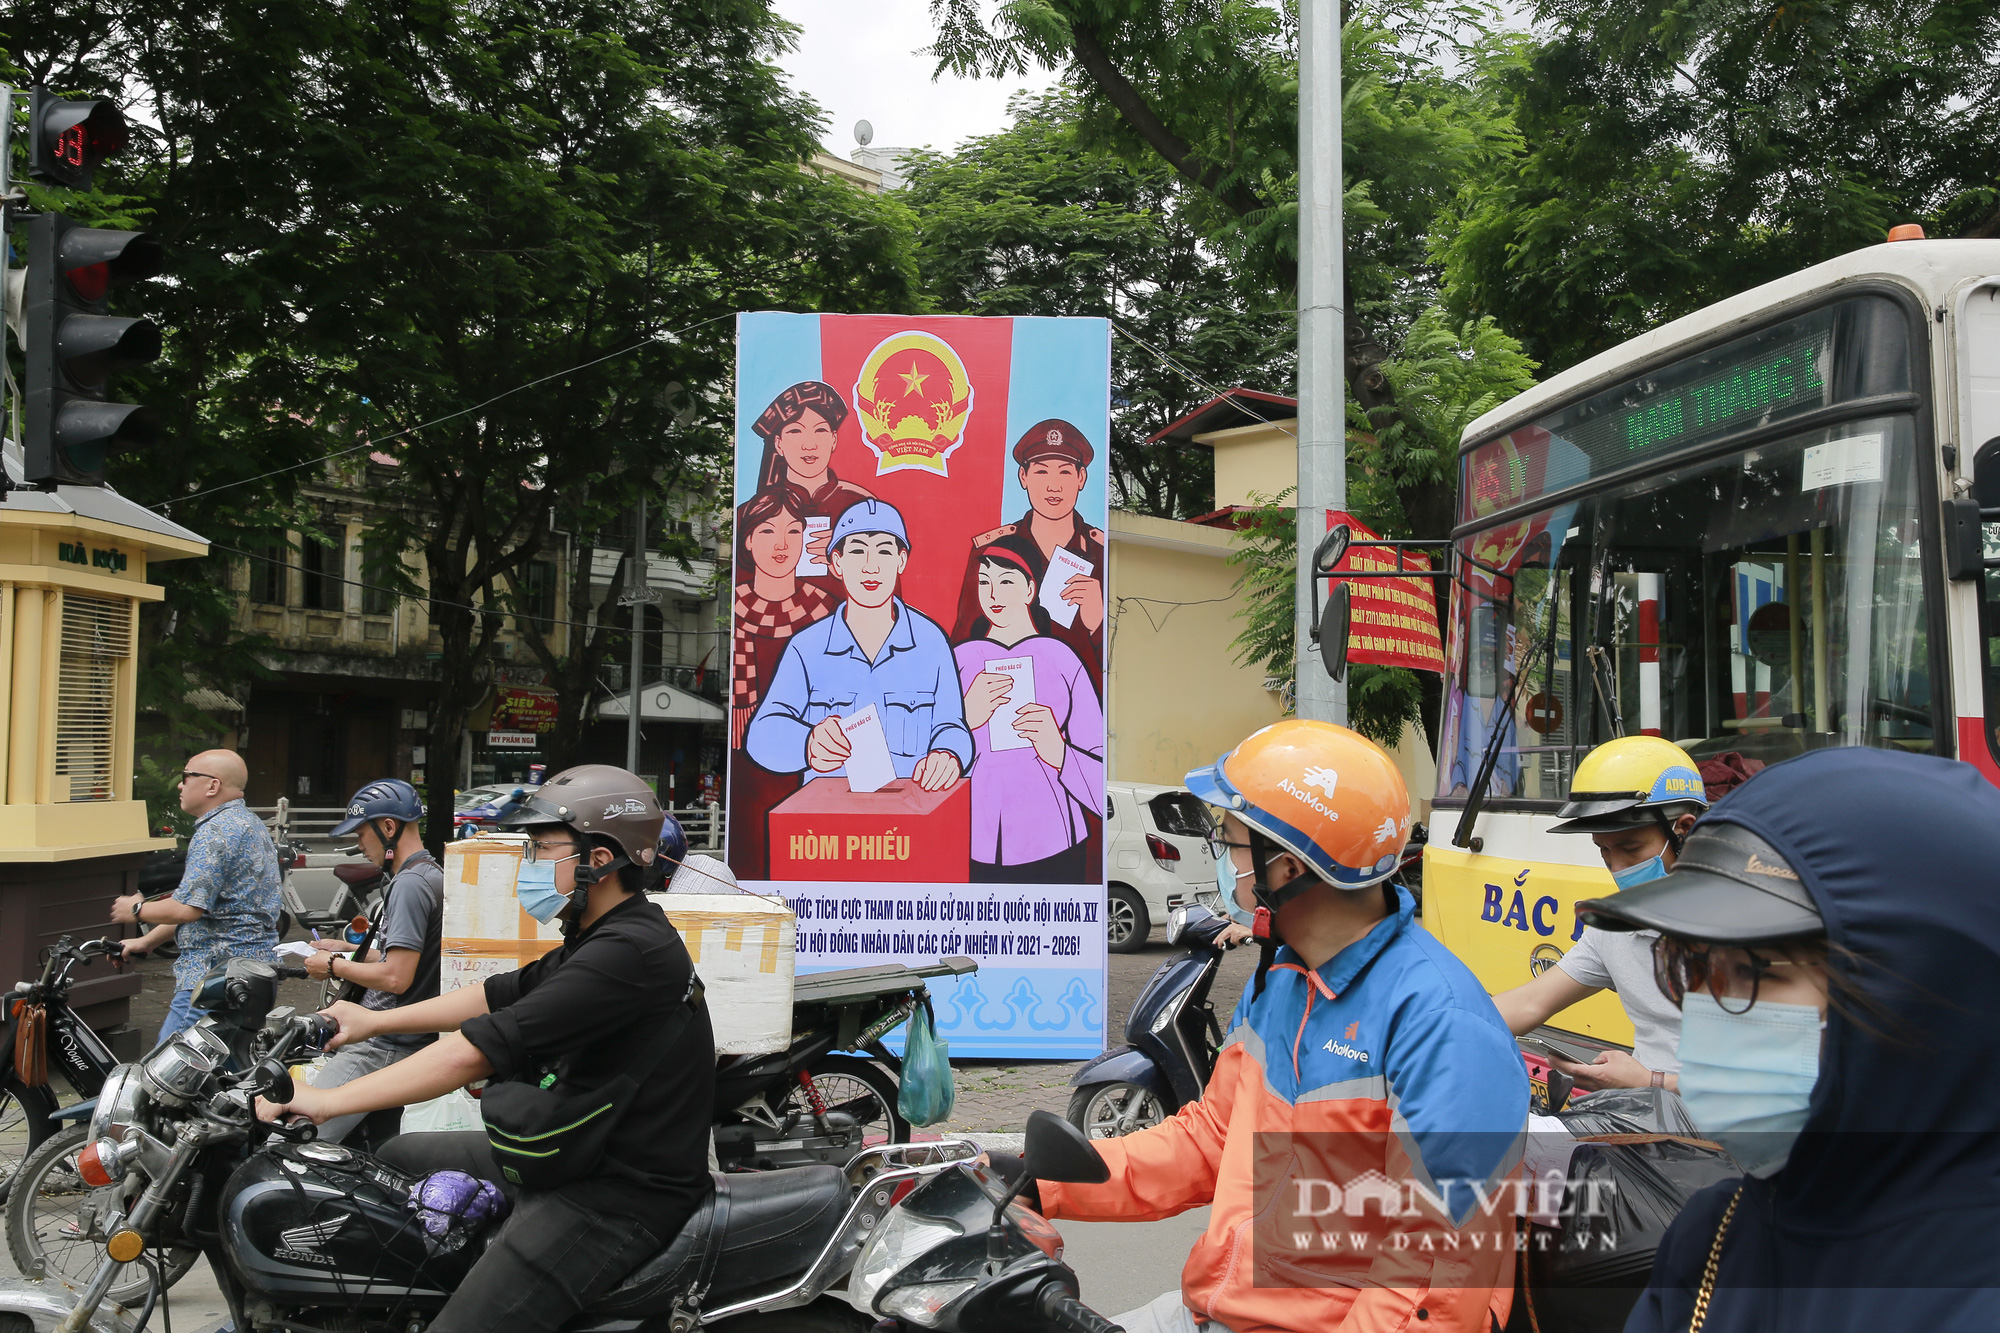 Đường phố Hà Nội trang hoàng rực rỡ trước ngày bầu cử - Ảnh 5.